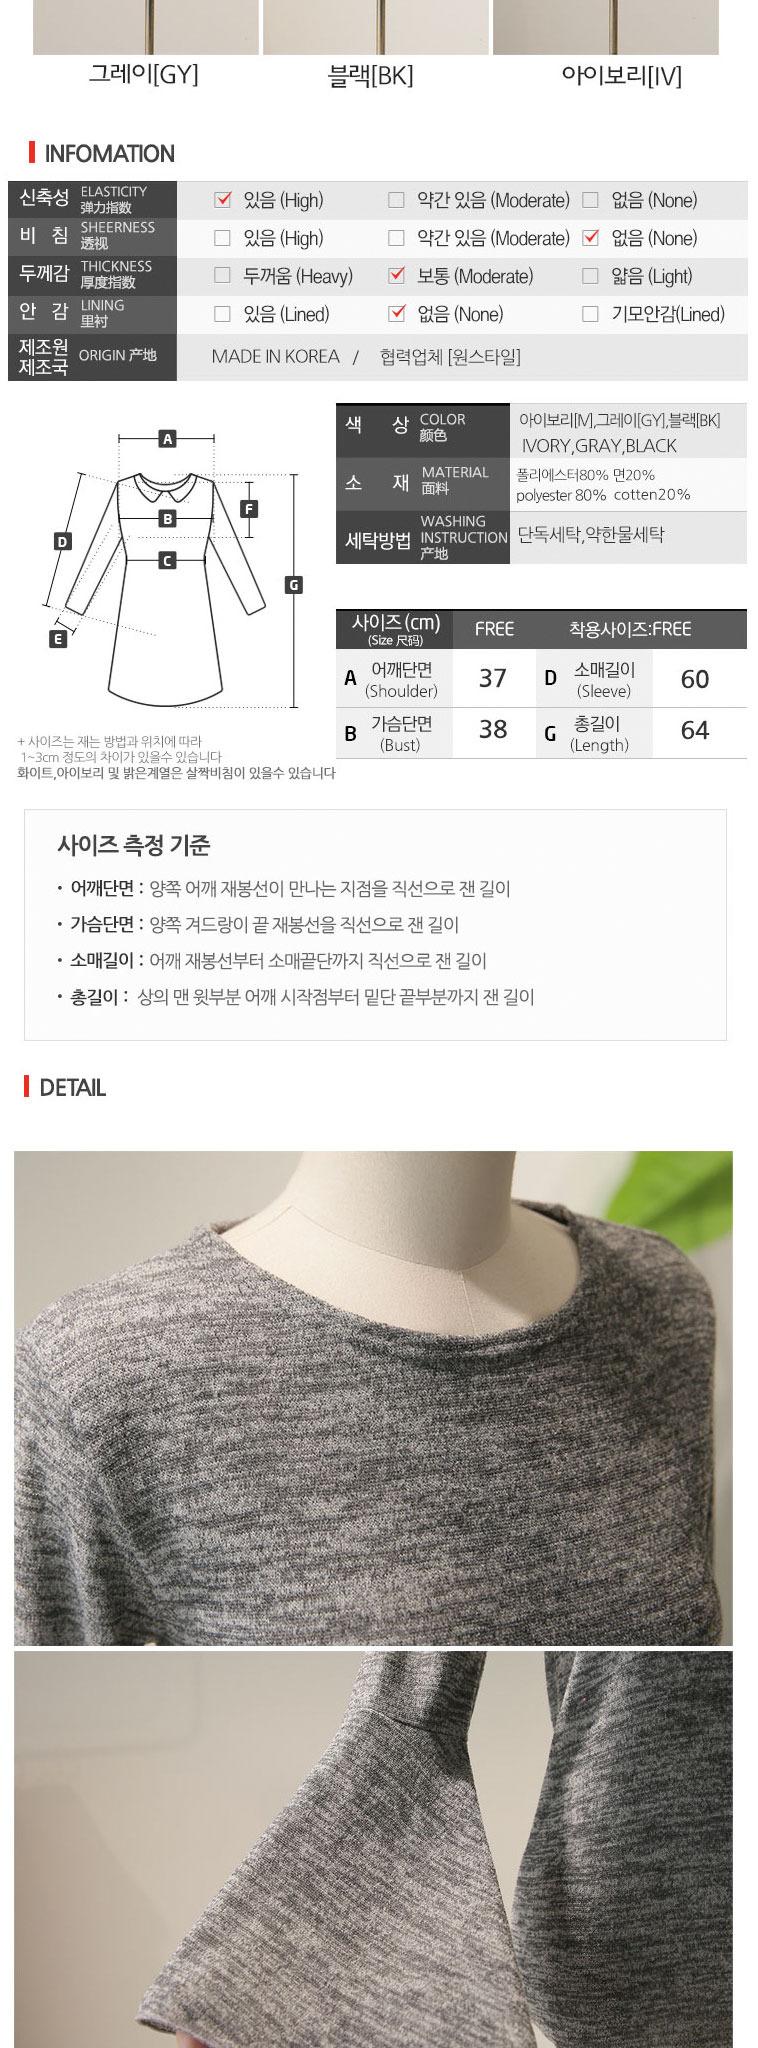 [무료배송] 원피스/블라우스/셔츠 - 상세정보